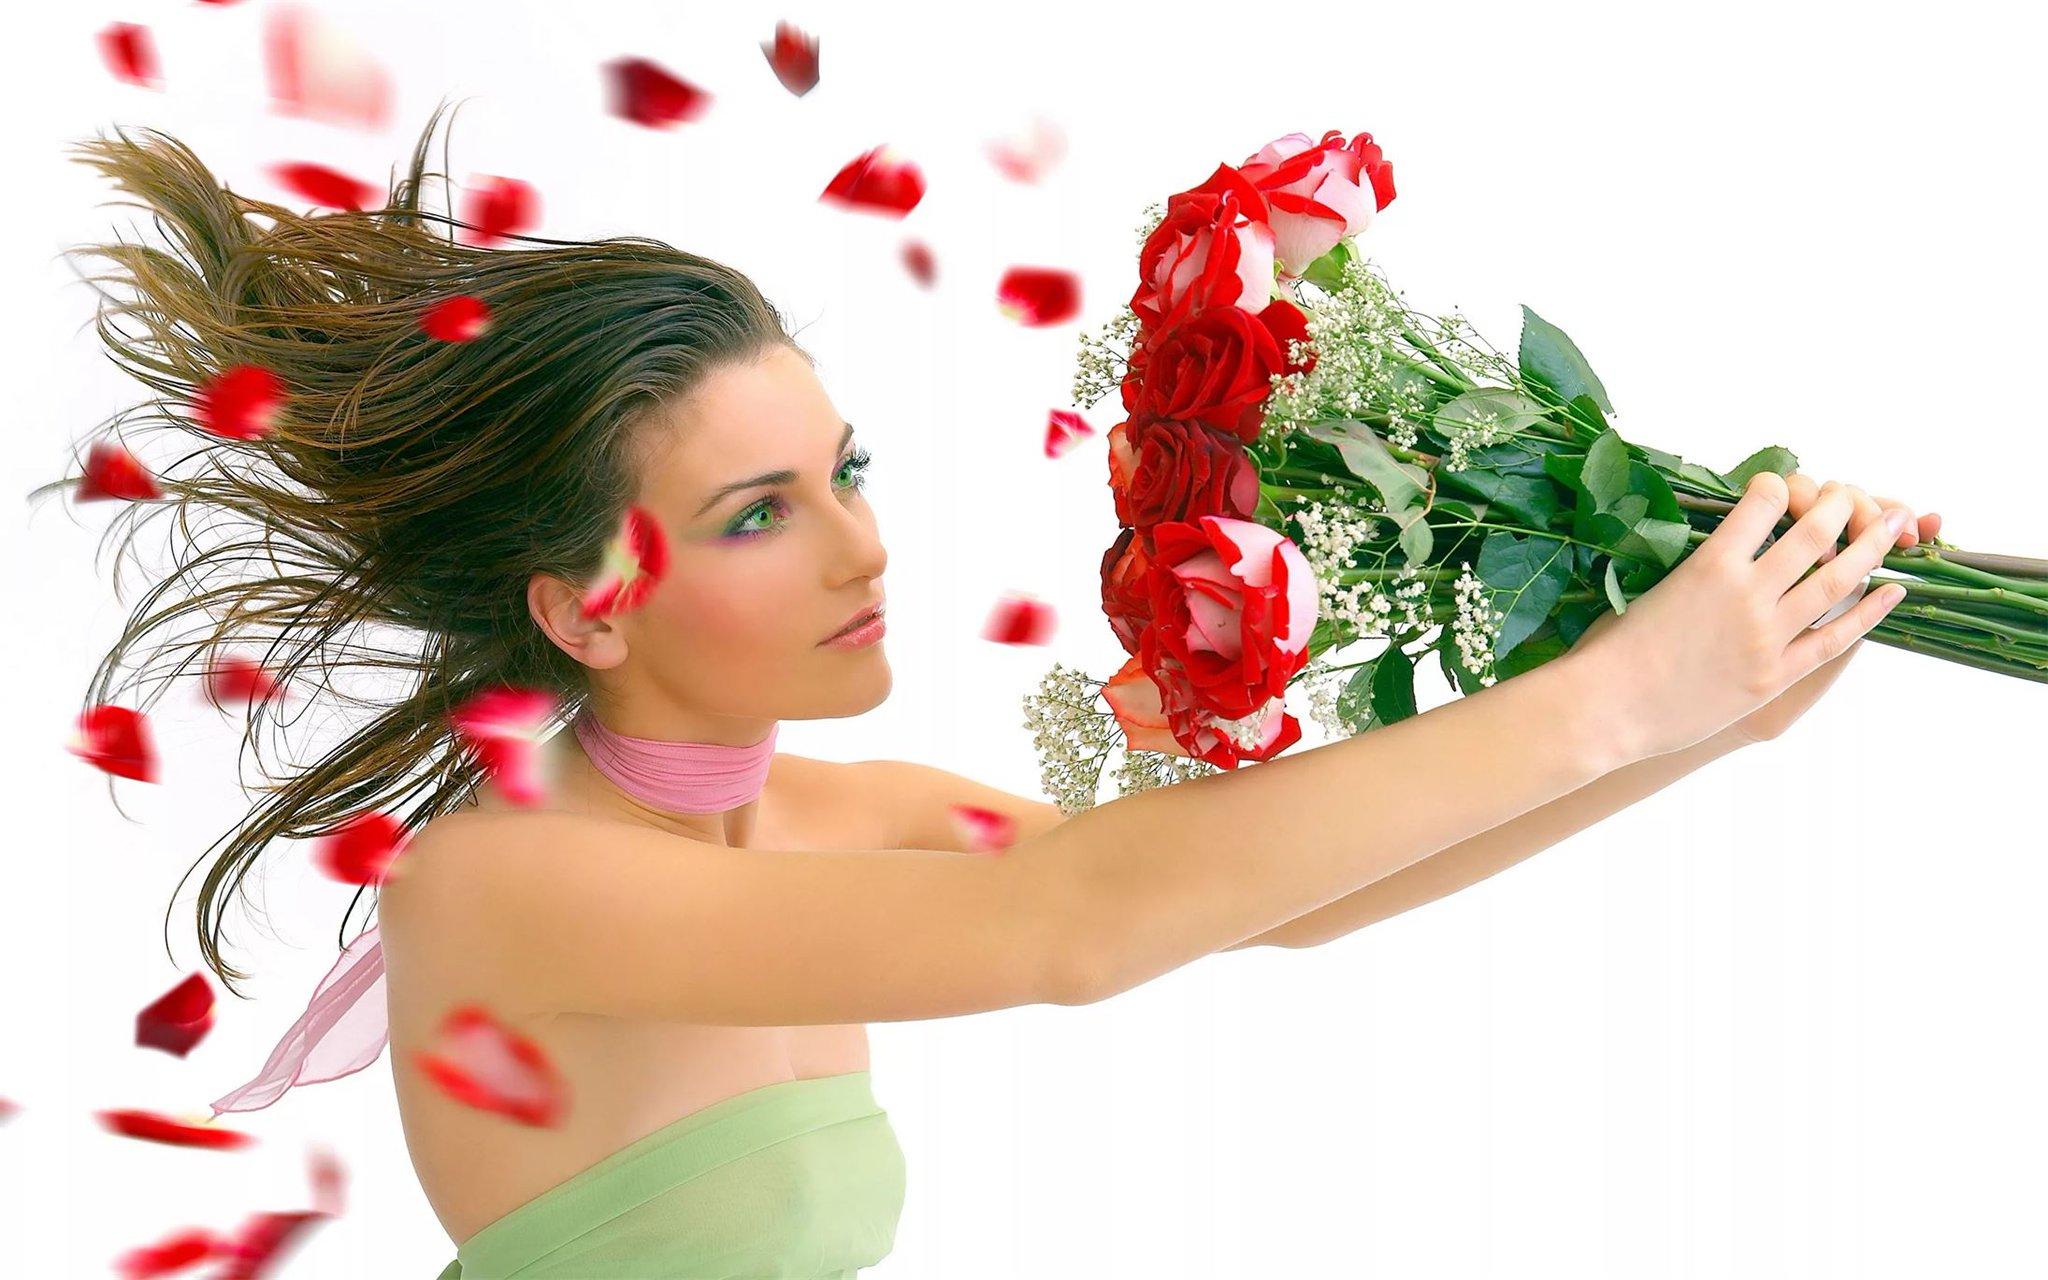 Красивые картинки женщин с надписью, открытки признанием любви